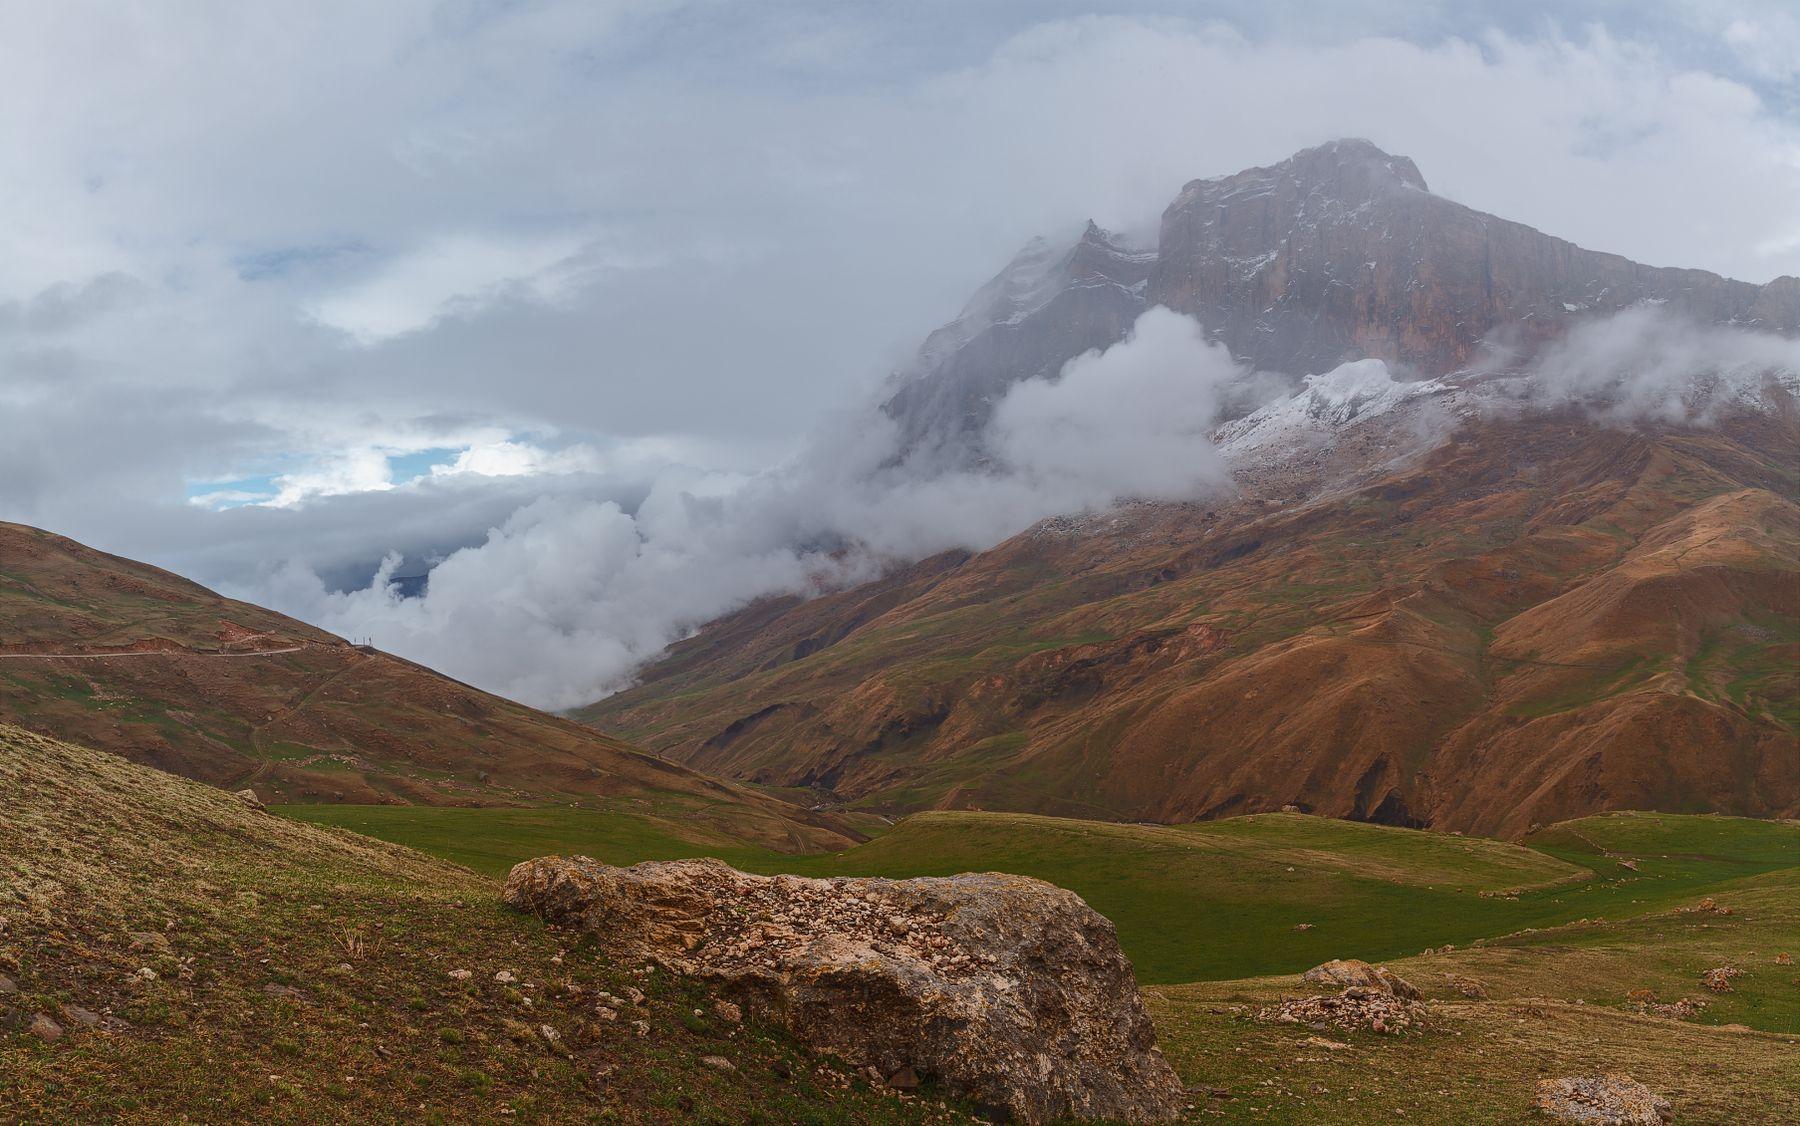 Гора Яридаг в Дагестане в тумане Дагестан Куруш Яридаг горы туман